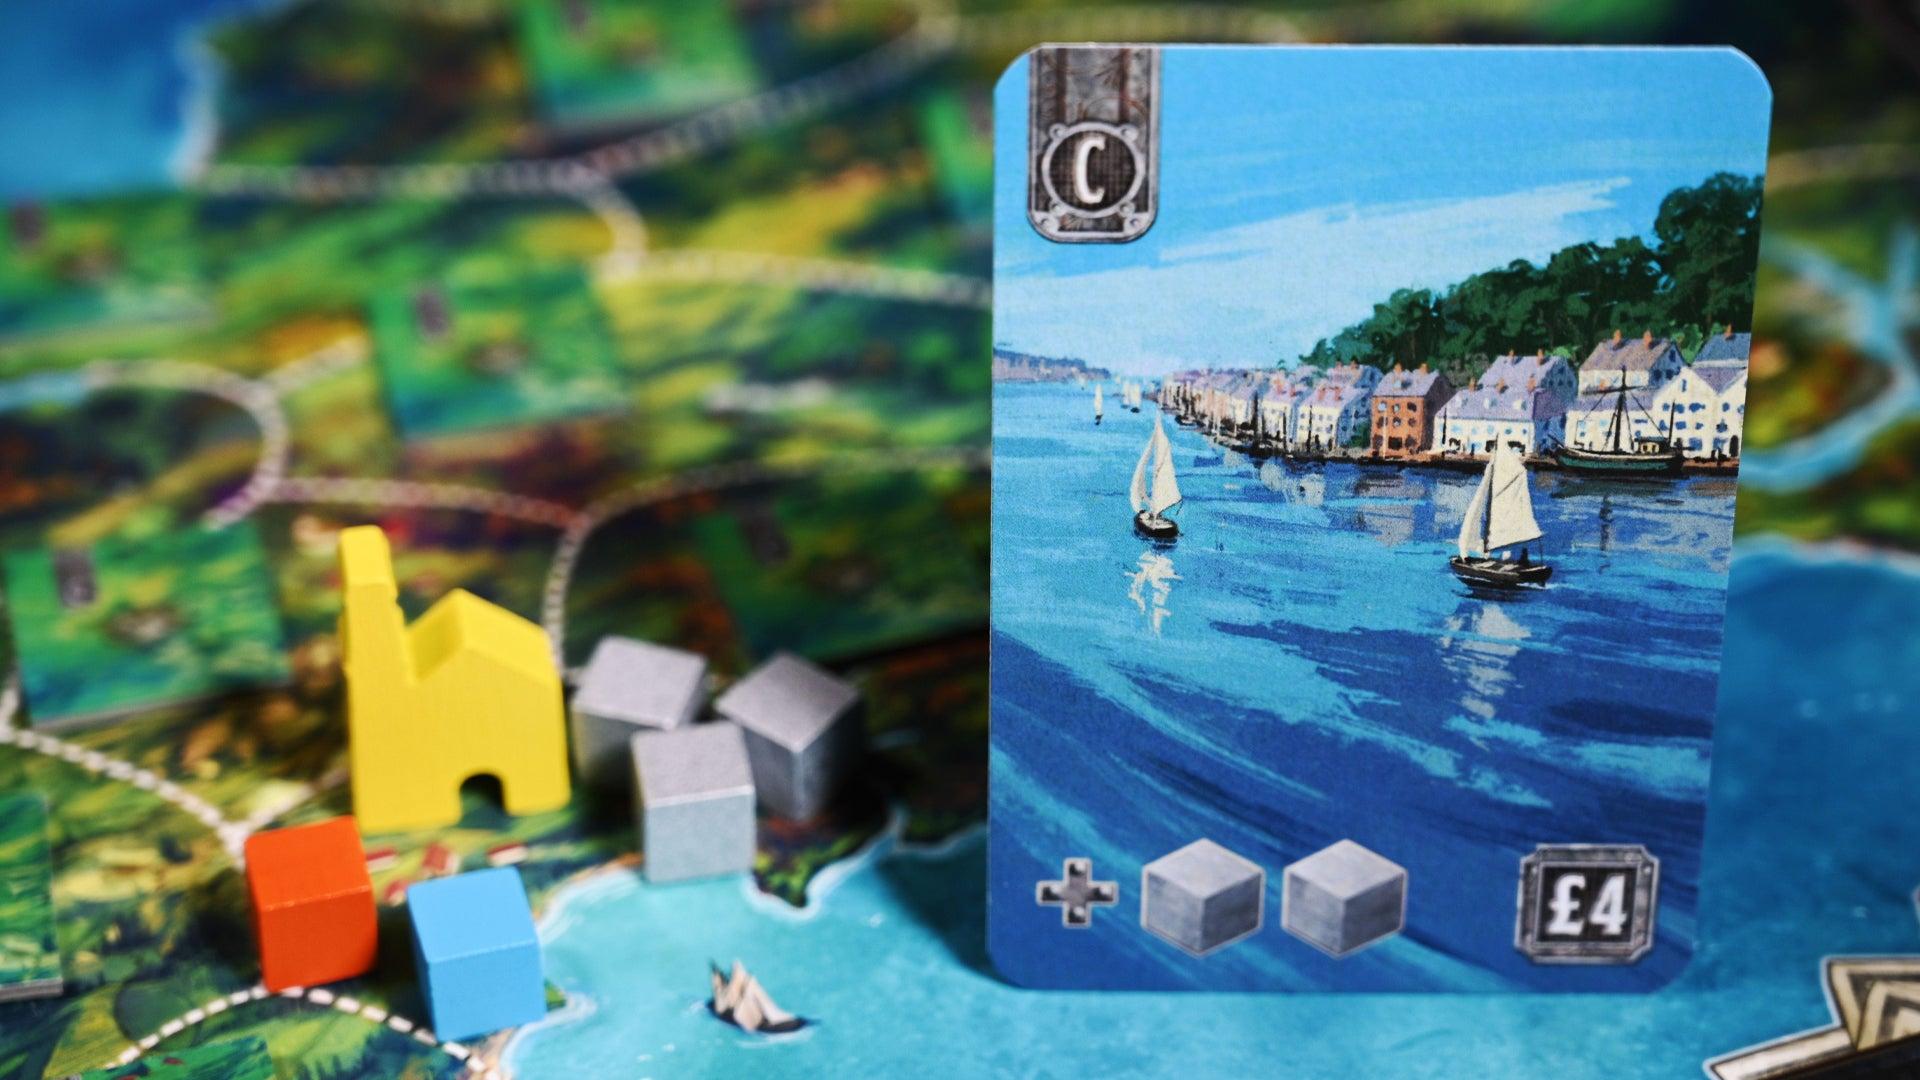 tinners-trail-board-game-gameplay-card.jpg